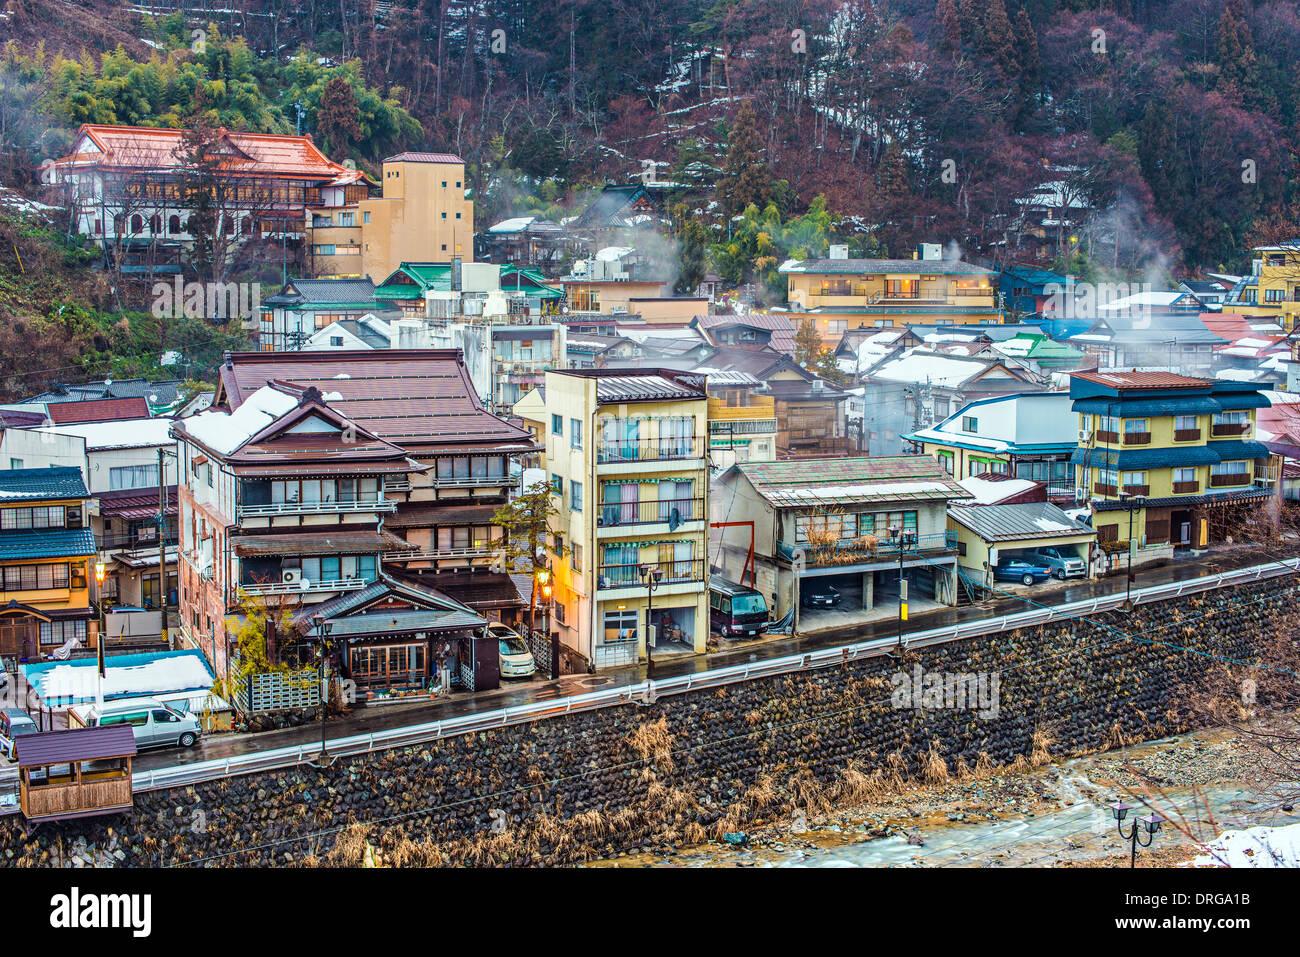 La piccola città di Shibu Onsen in Prefettura di Nagano. La città è famosa per le numerose storica bath case si trova lì. Immagini Stock